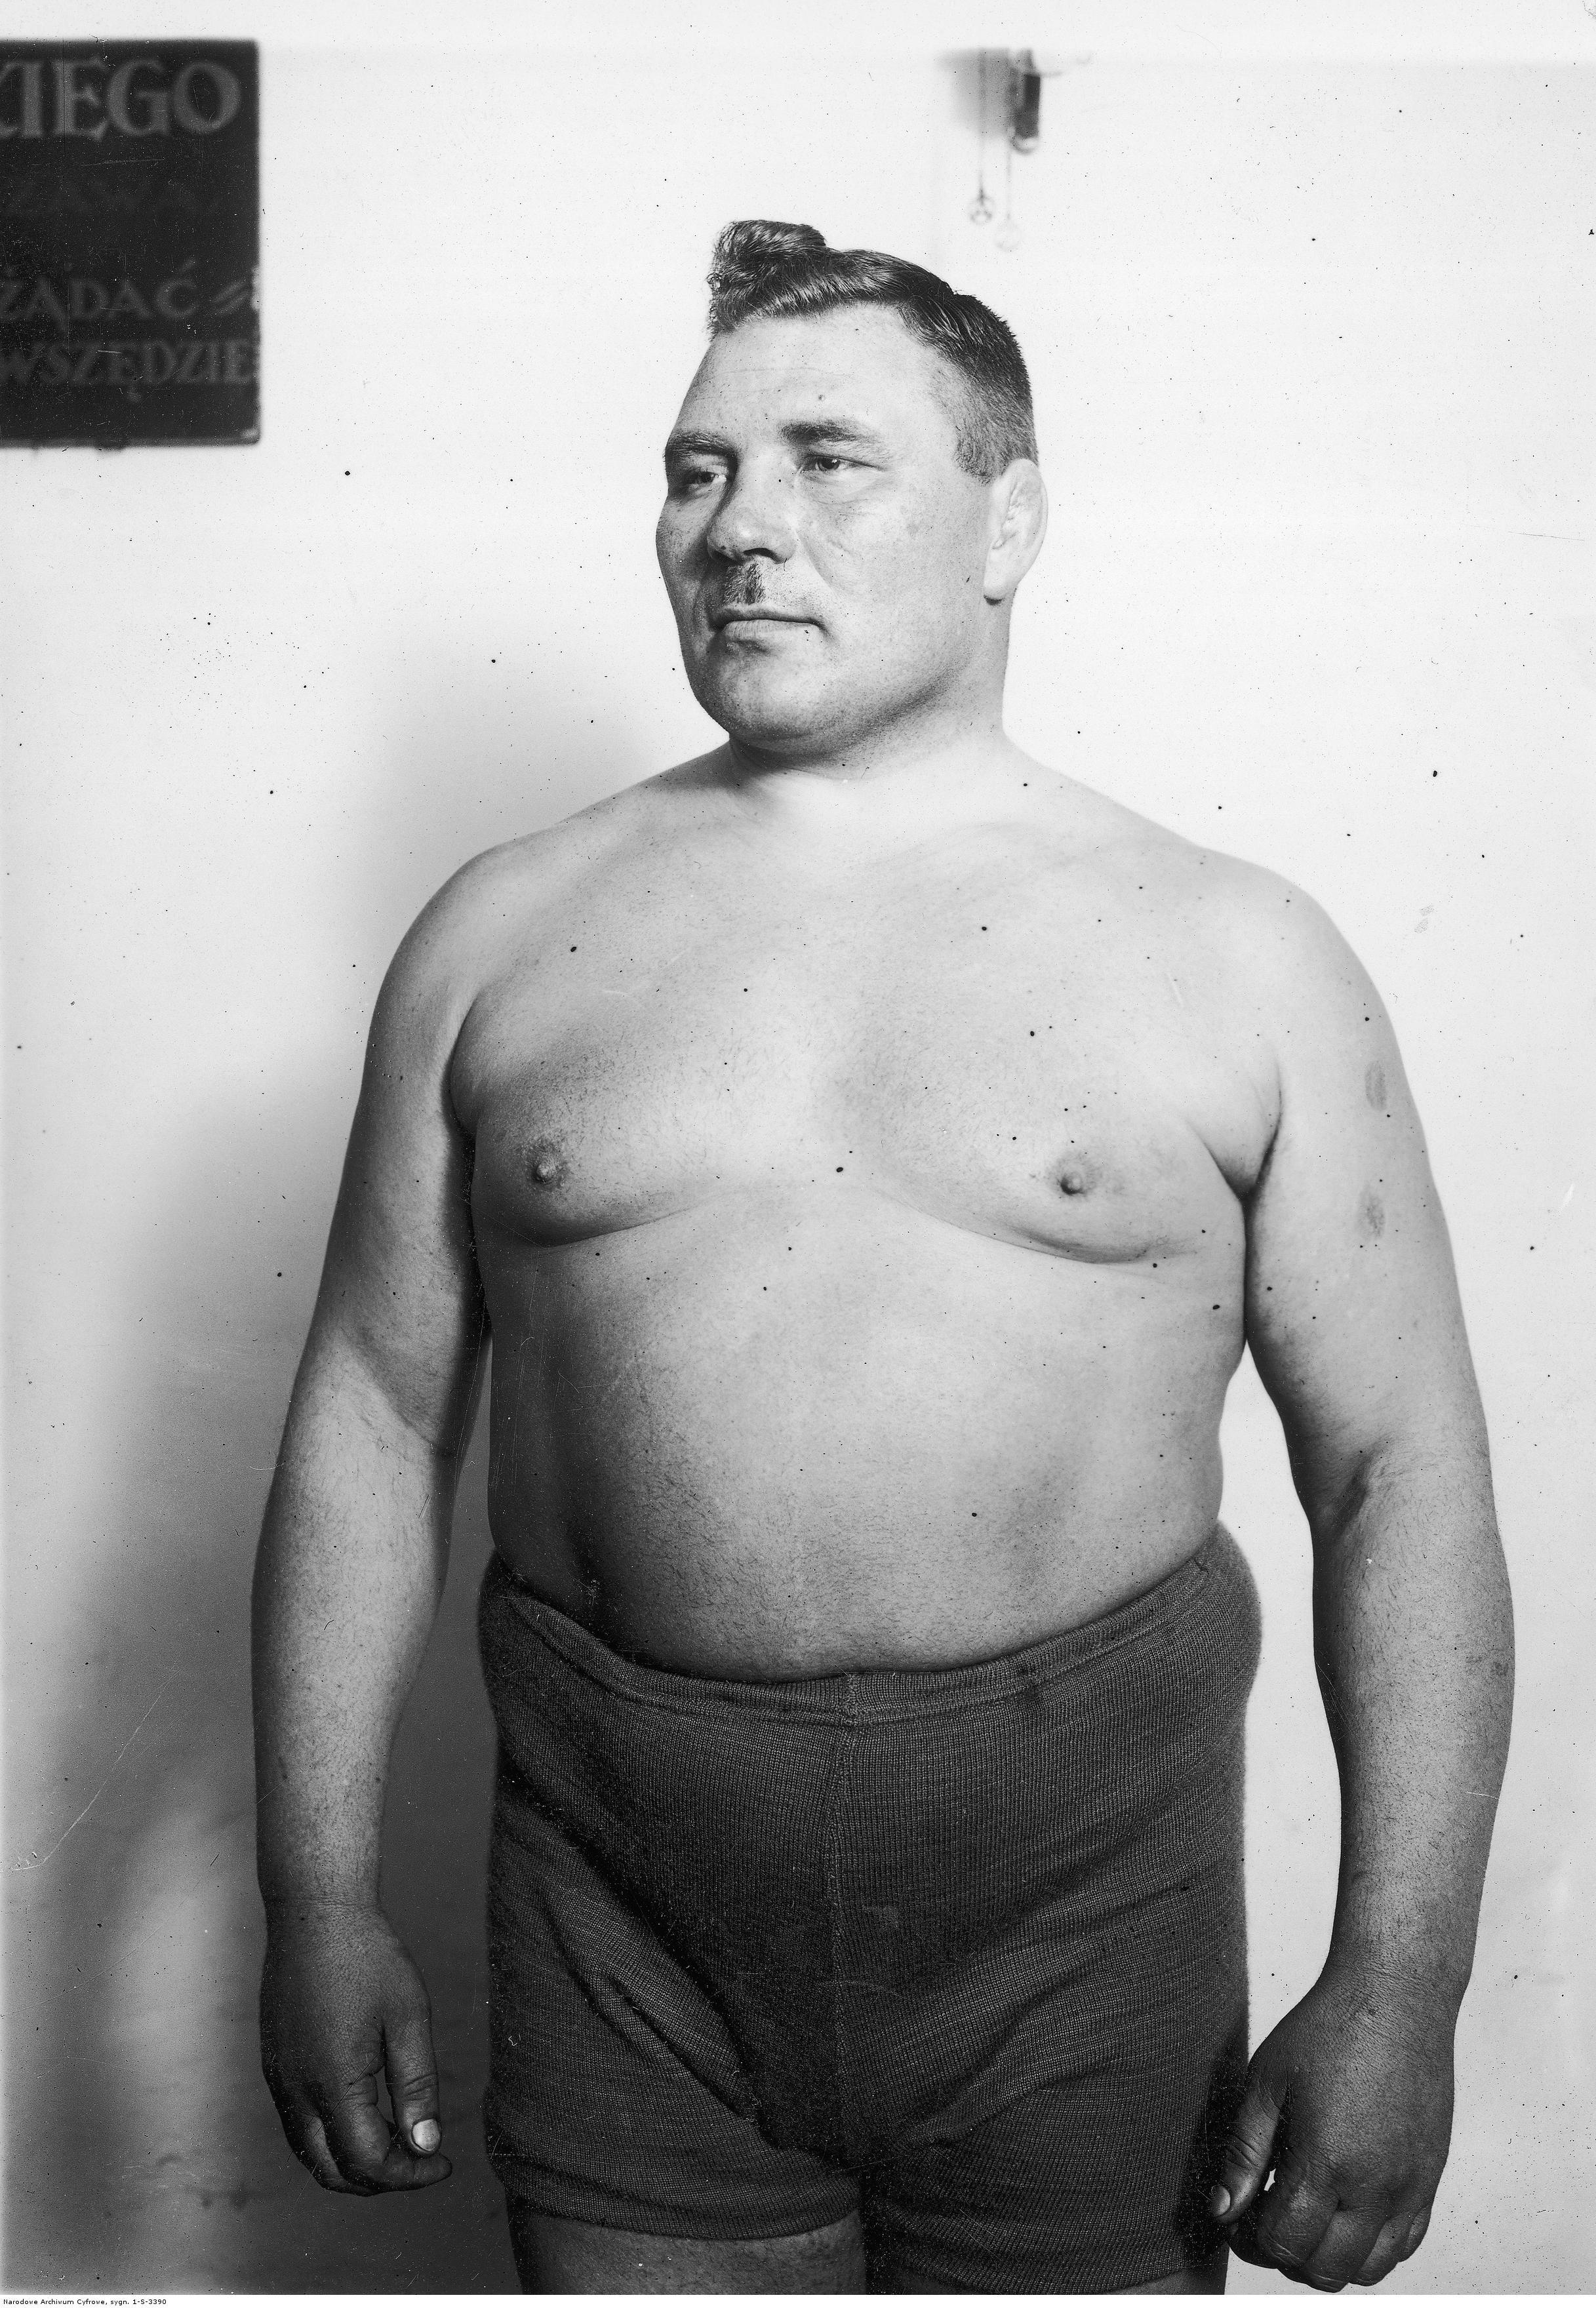 Aleksander Garkowienko, zapaśćnik, 1935 r., fotografia ze zbiorów Narodowego Archiwum Cyfrowego sygnatura 1-S-3390